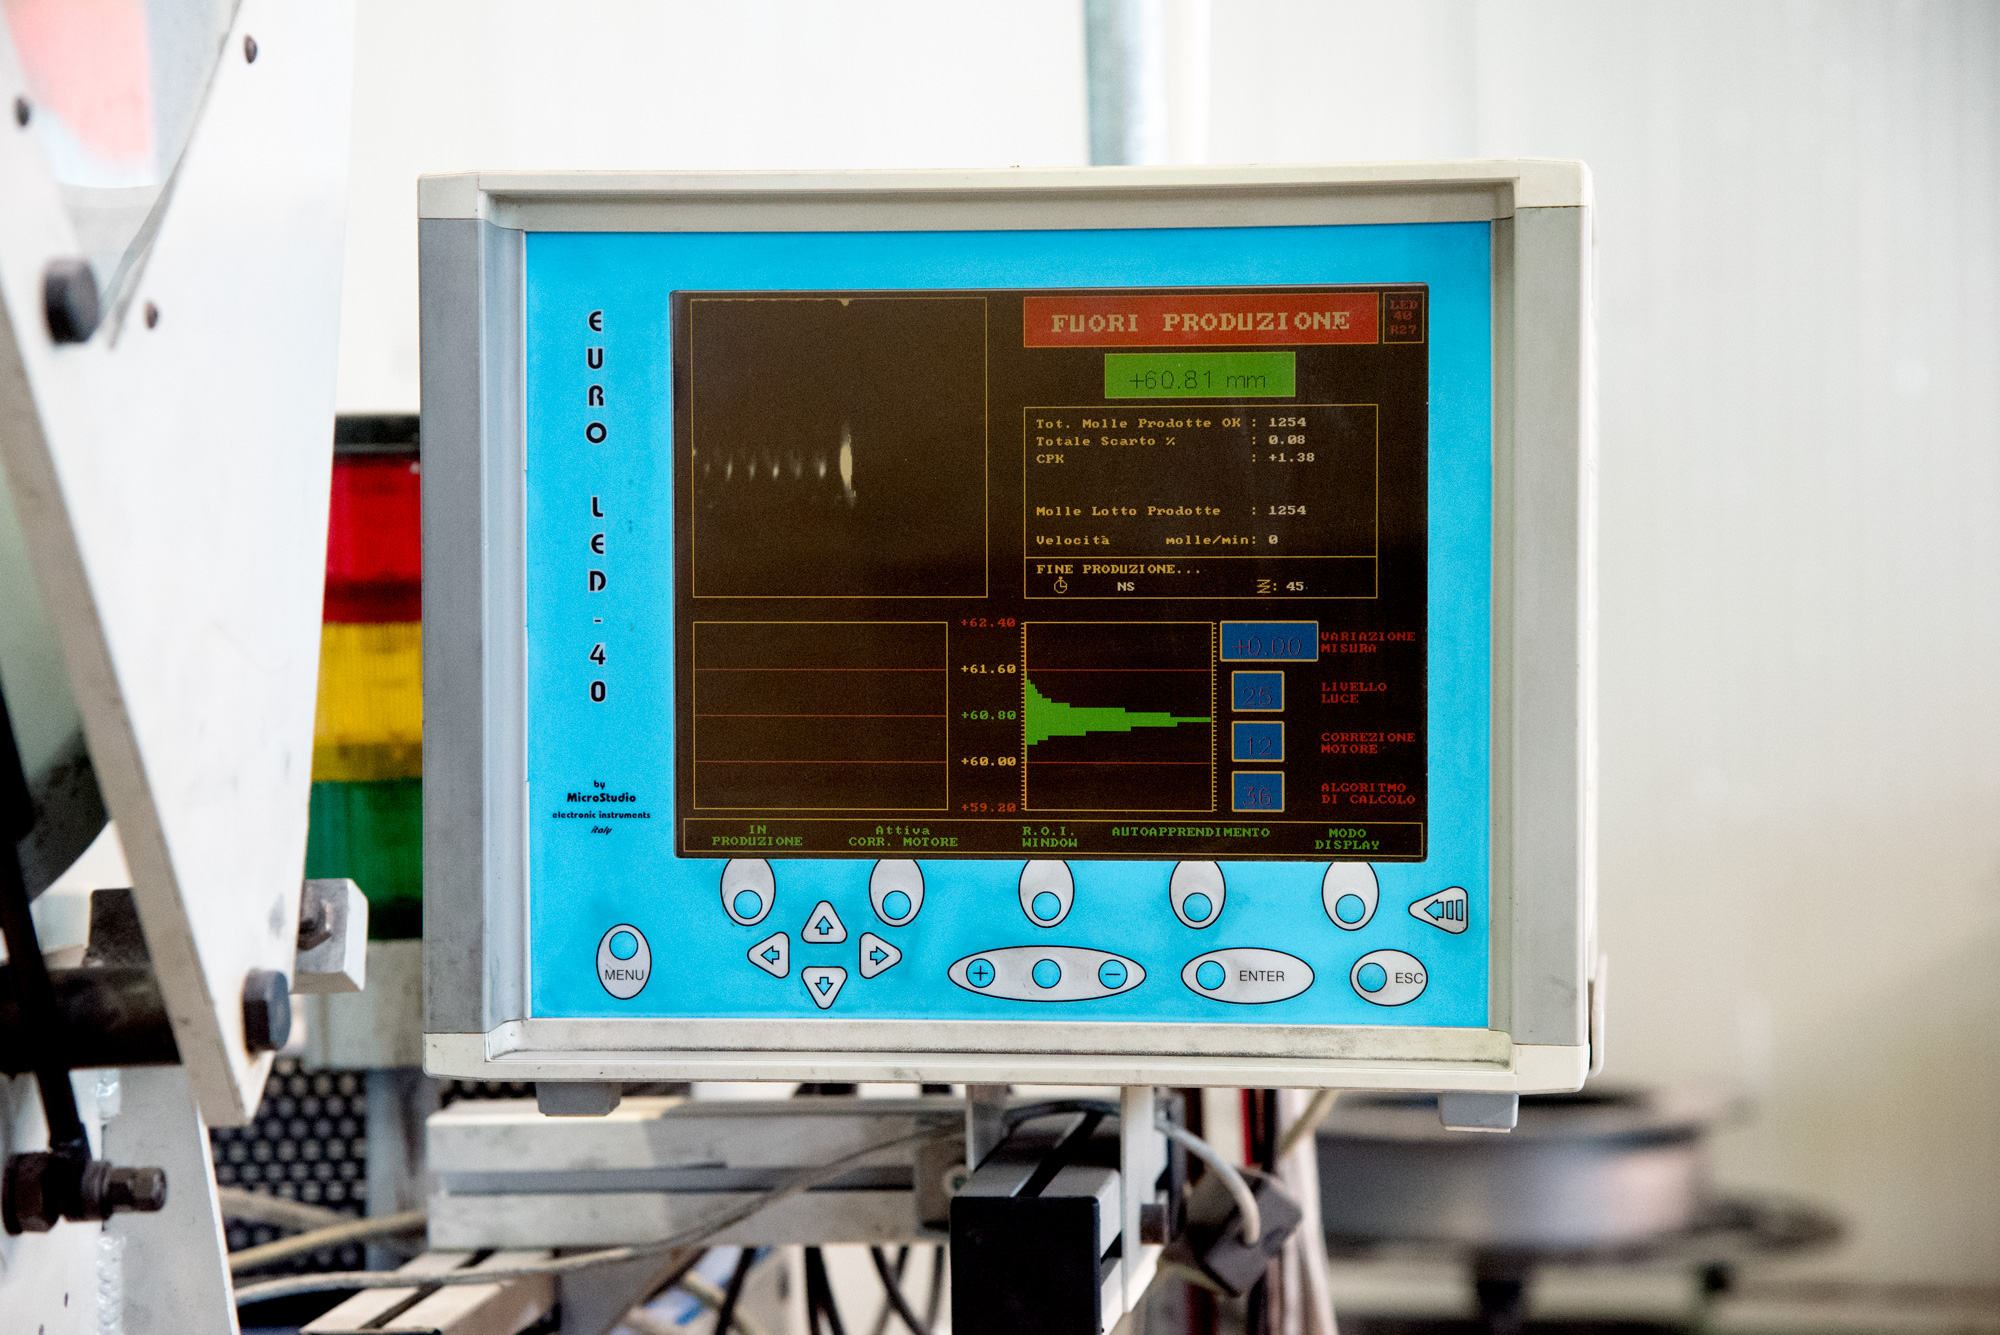 Controllo-con-telecamera-produzione molle-mollificio-astigiano-belveglio-asti-italia